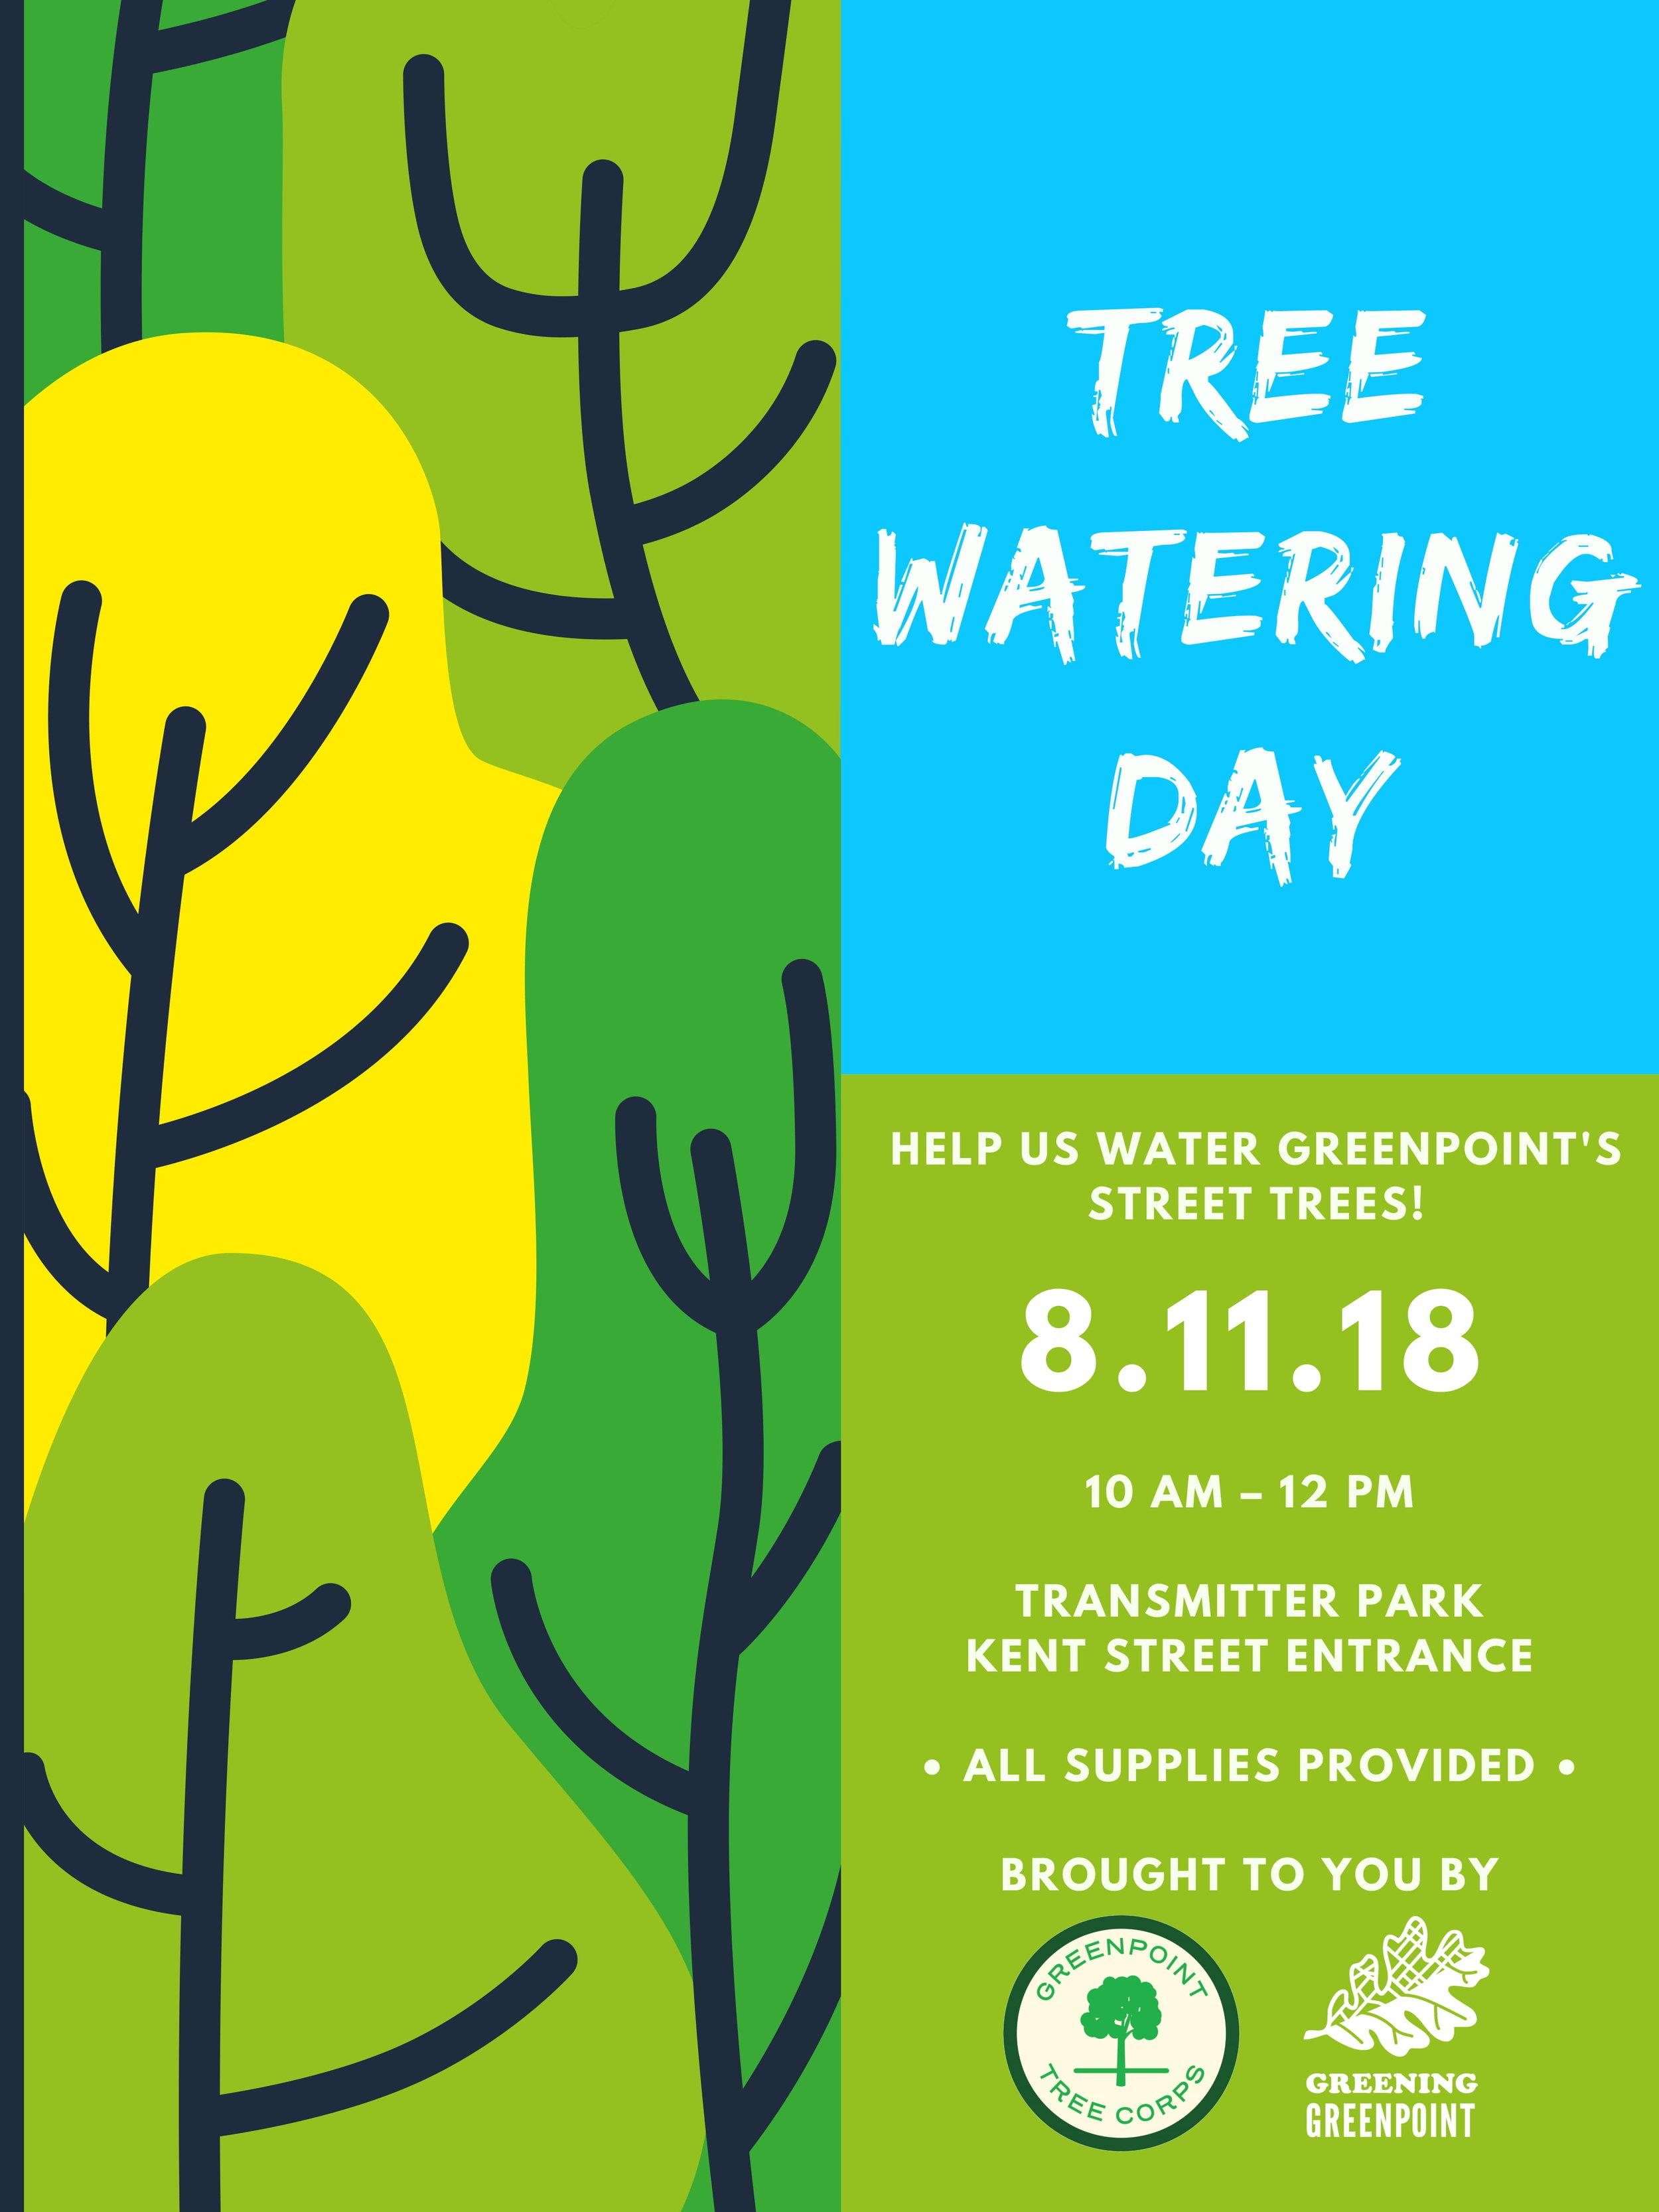 TreeWateringDay_2-1.jpg